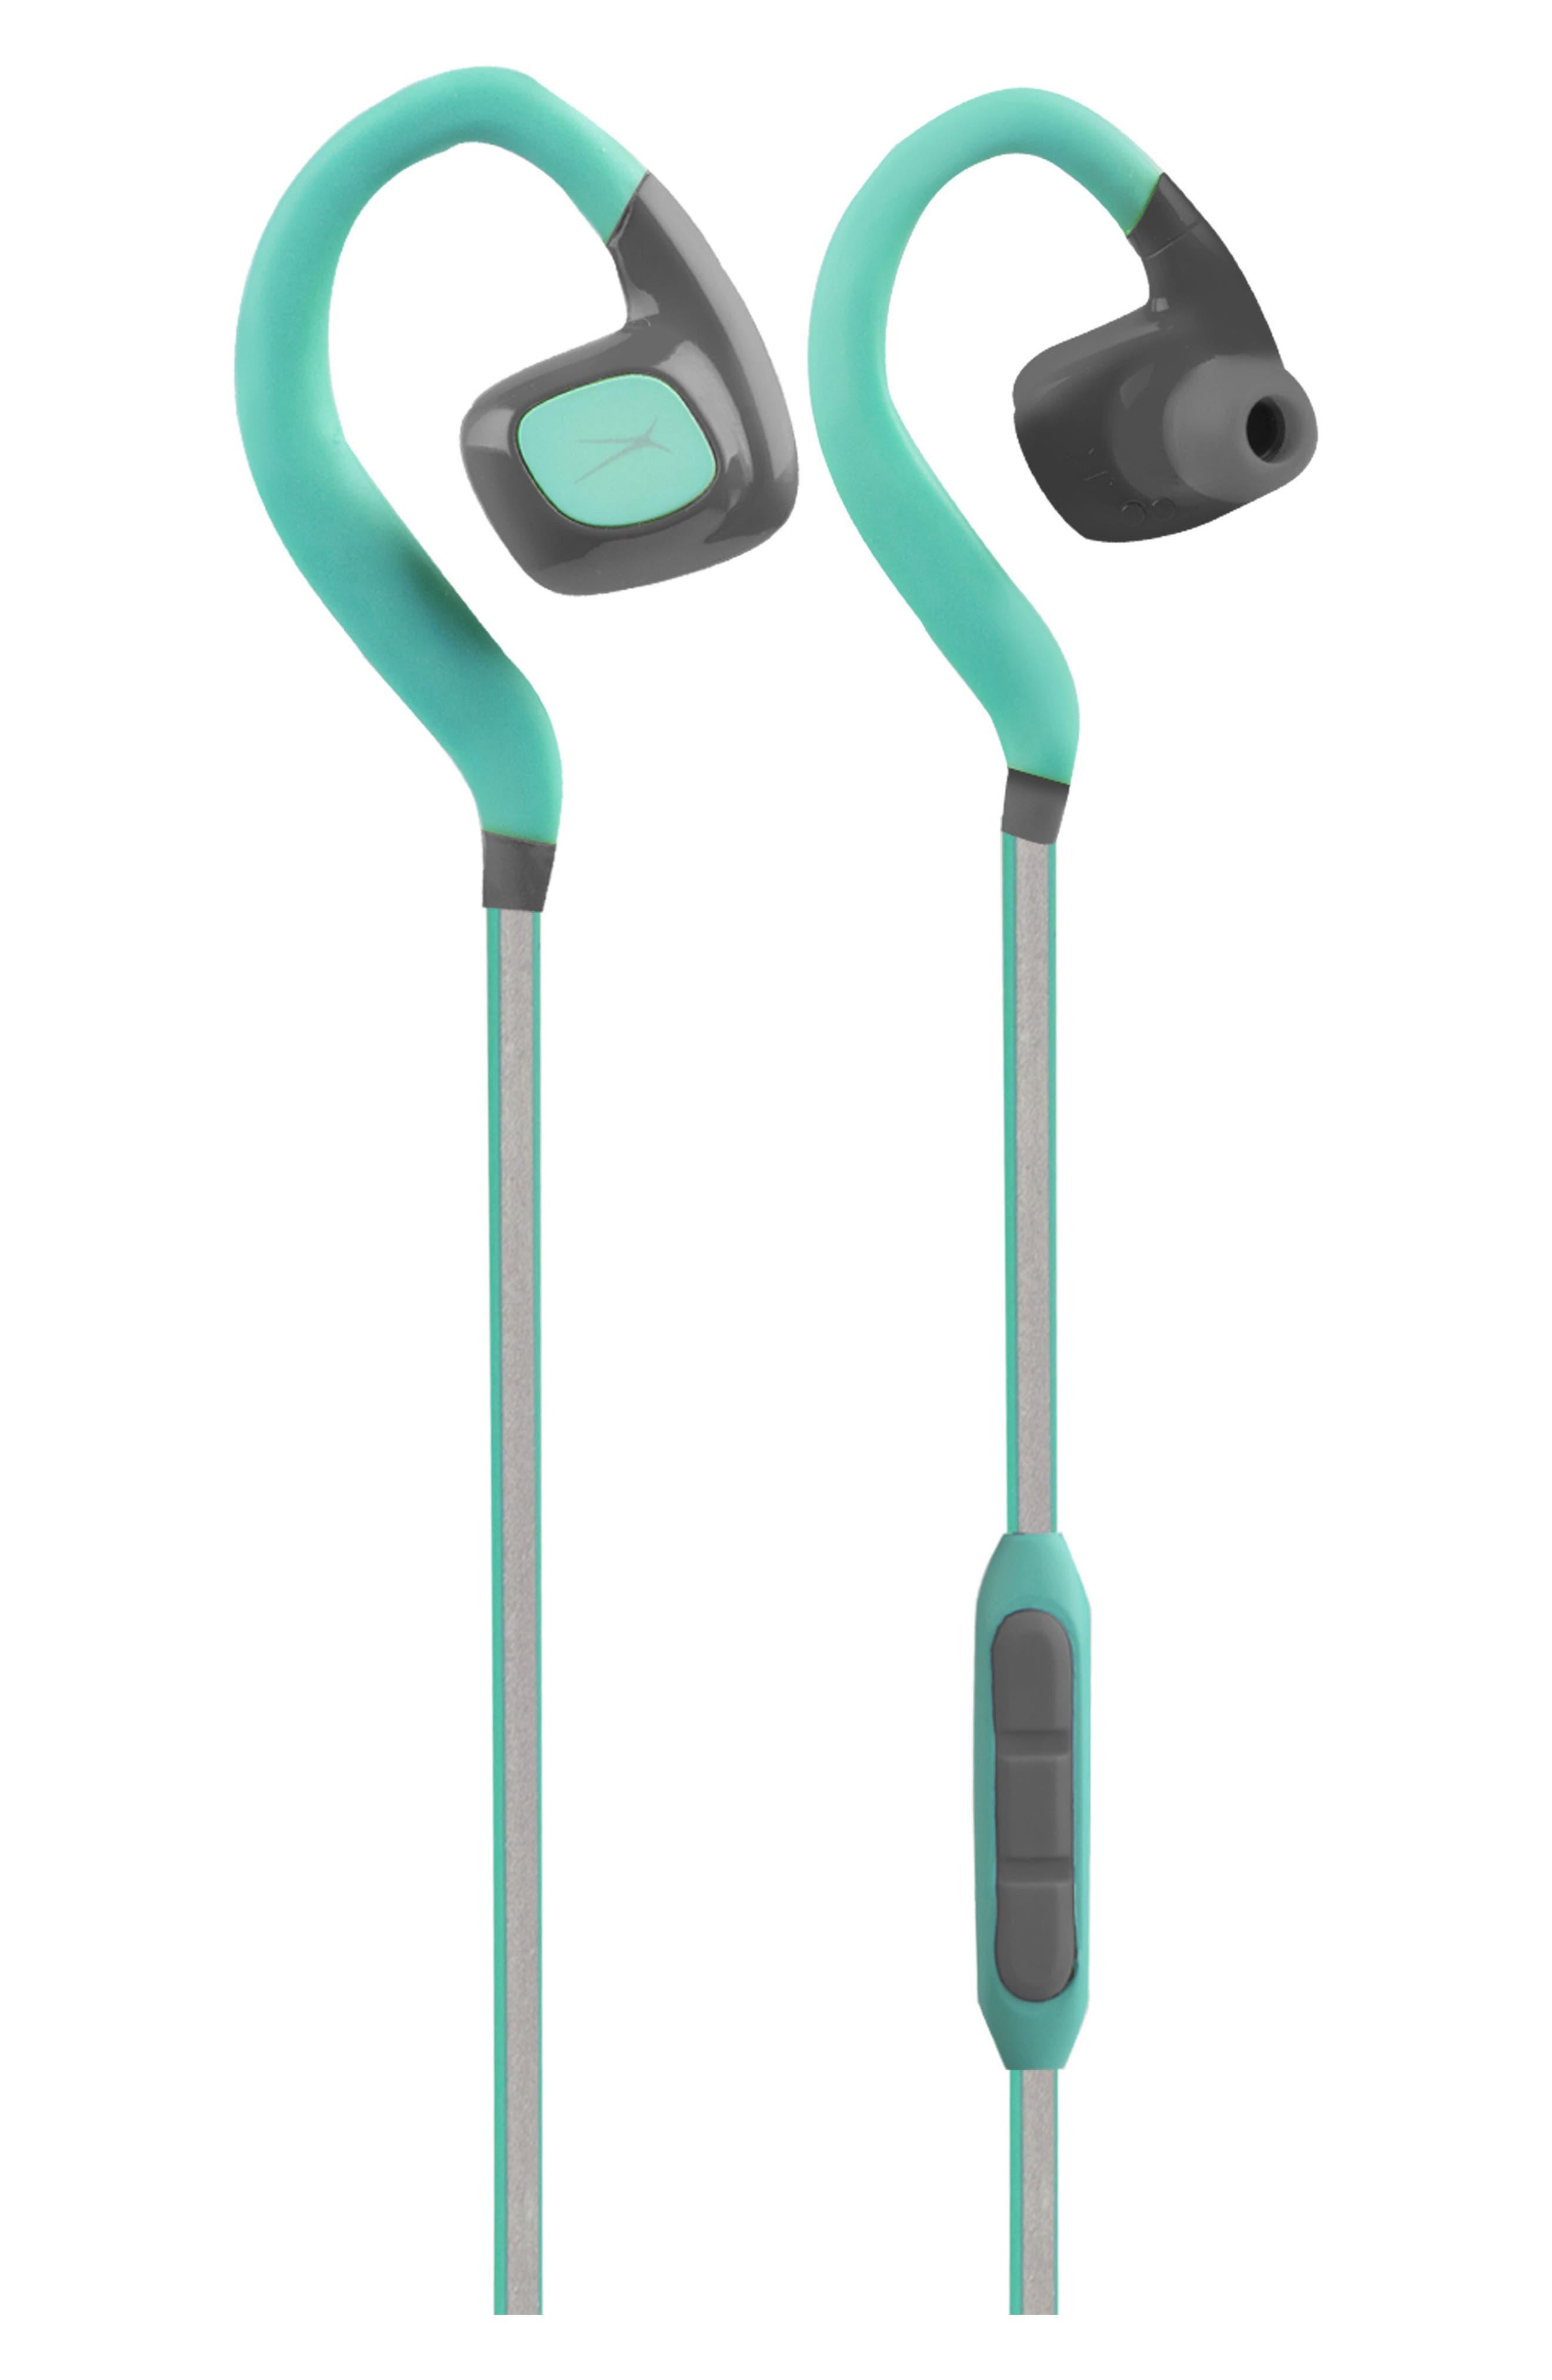 Altec Lansing Waterproof Wireless in-Ear Headphone